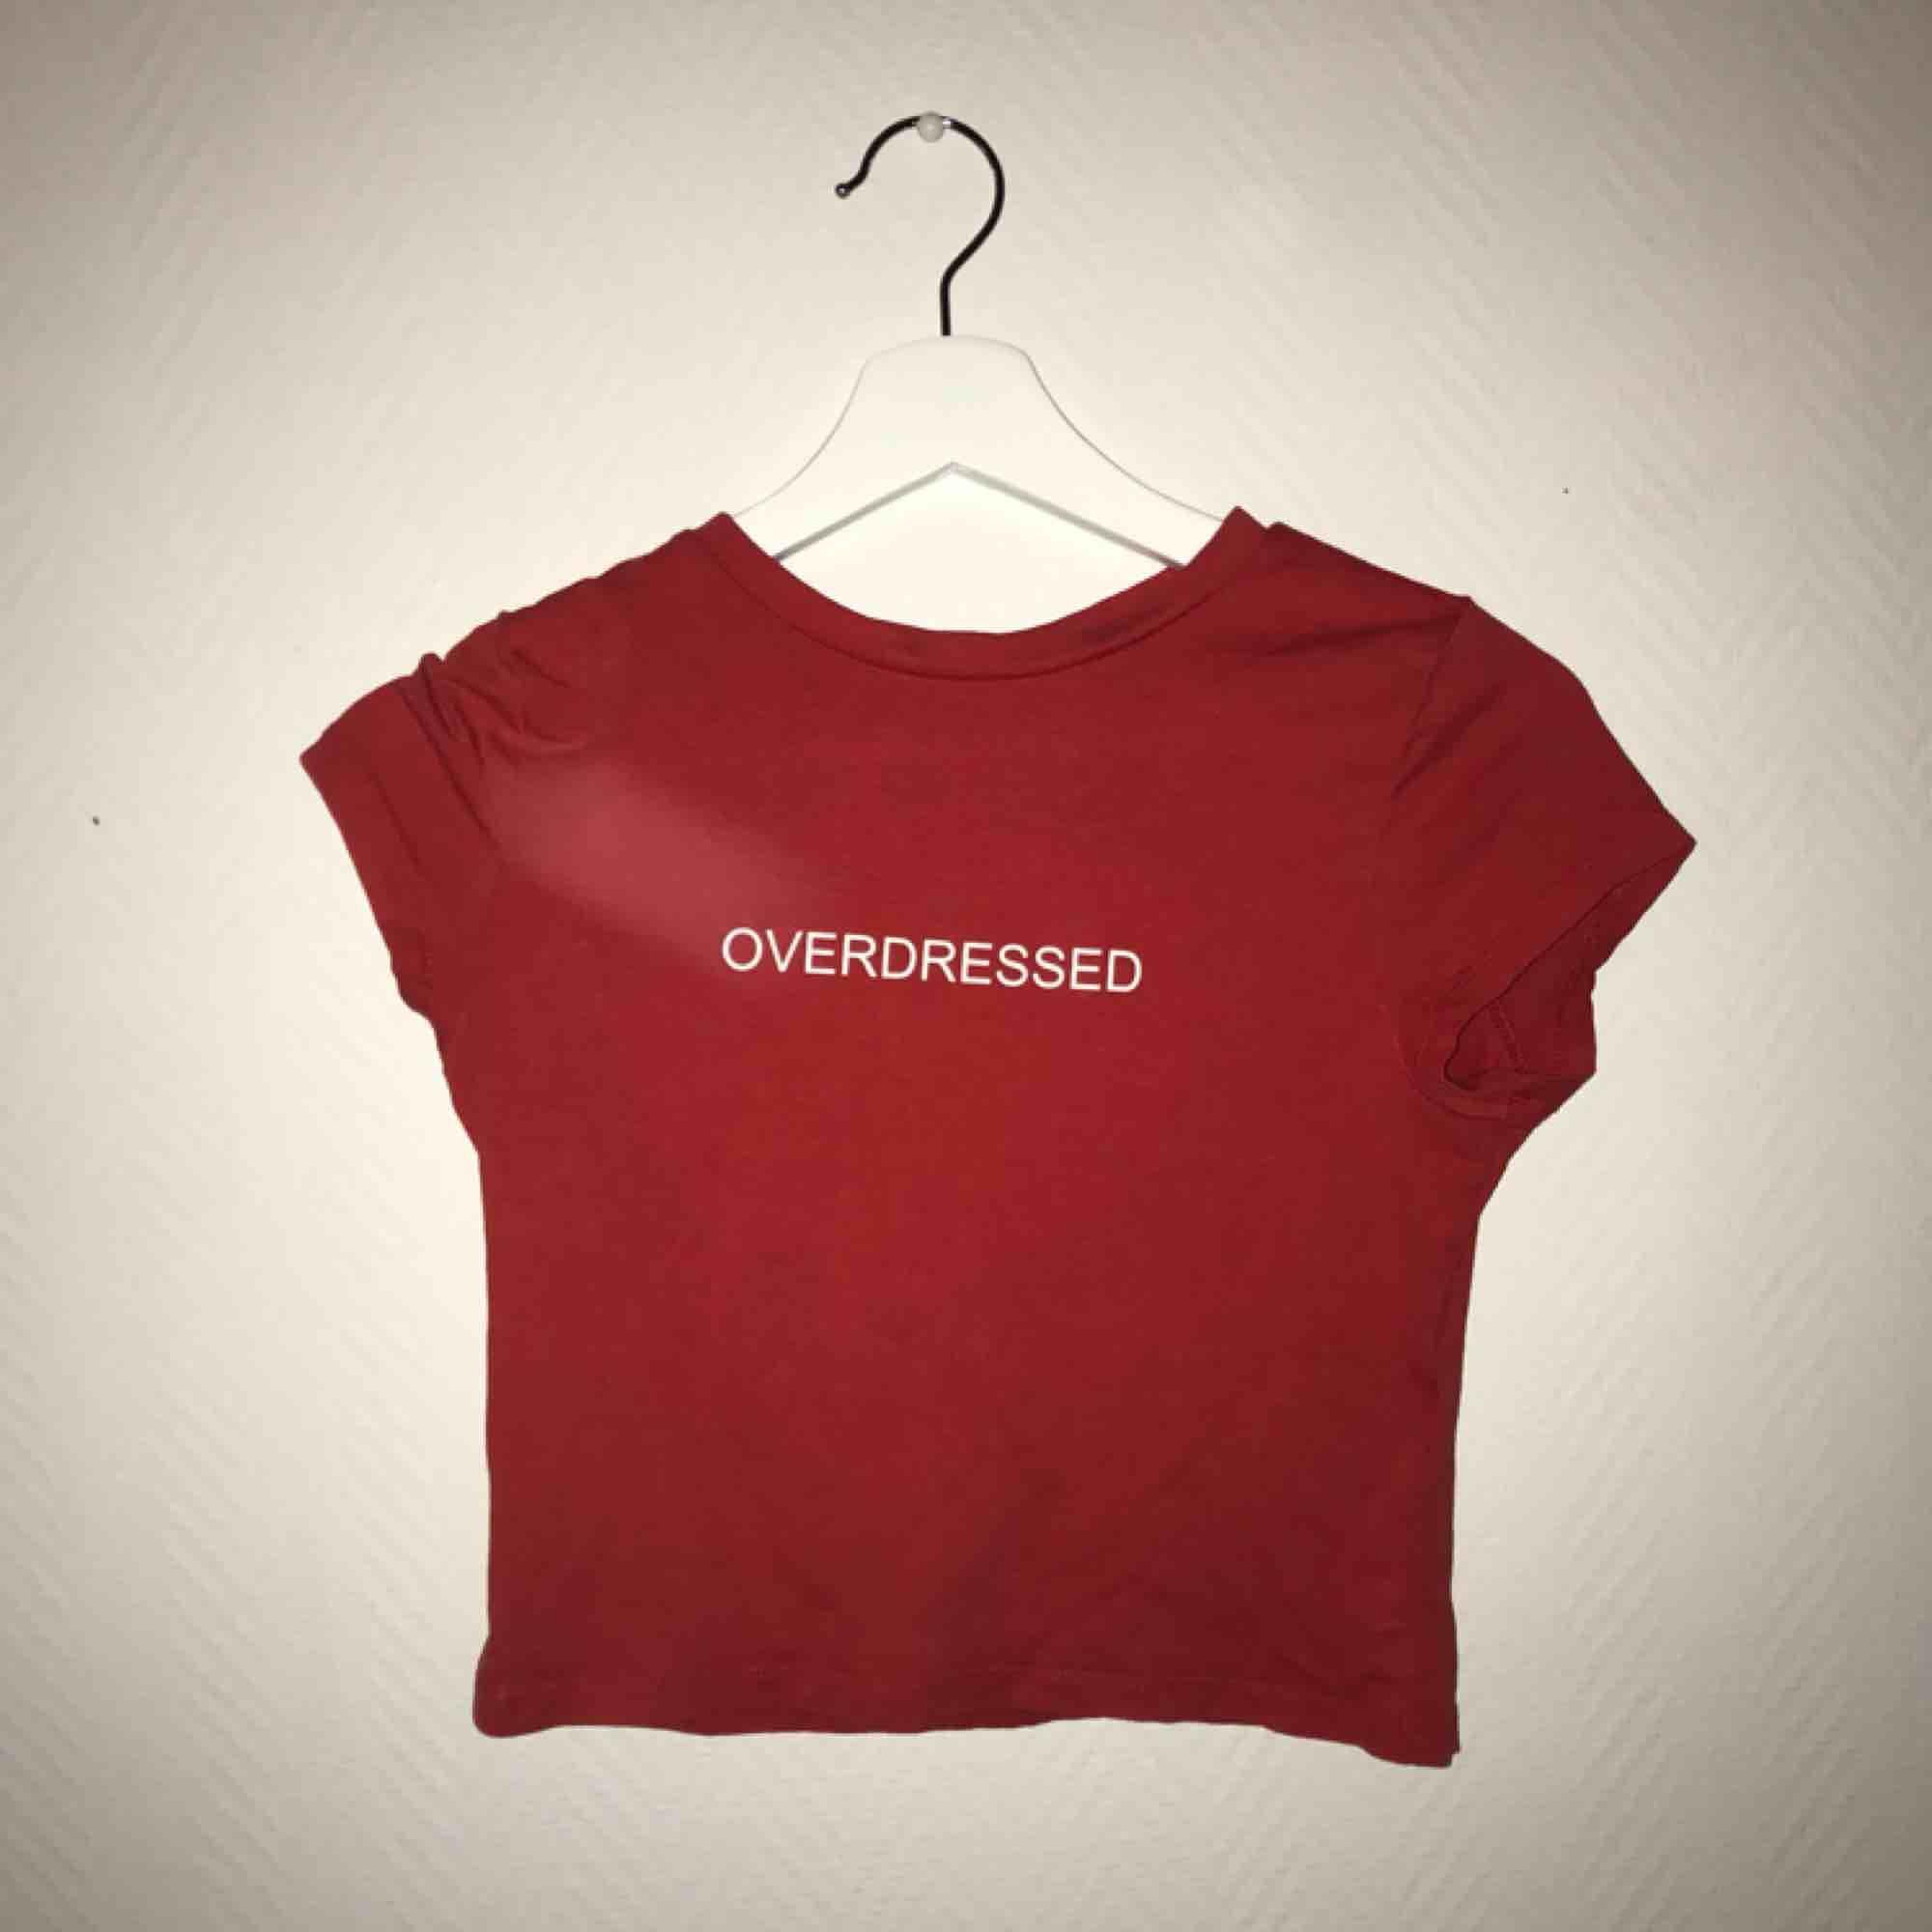 Köpare står för frakt, magtröja. T-shirts.